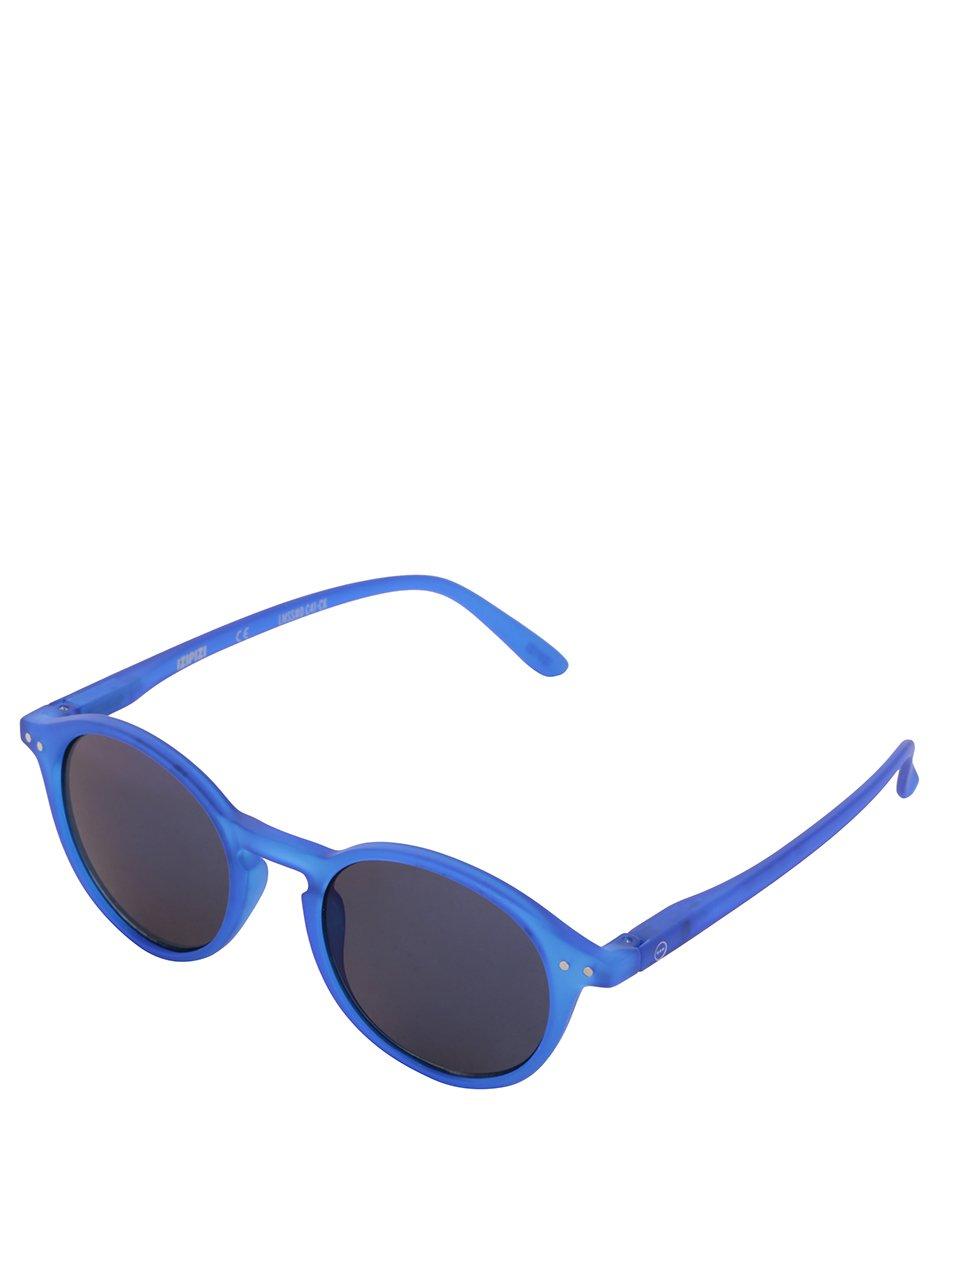 Modré sluneční brýle se zrcadlovými modrými skly IZIPIZI #D